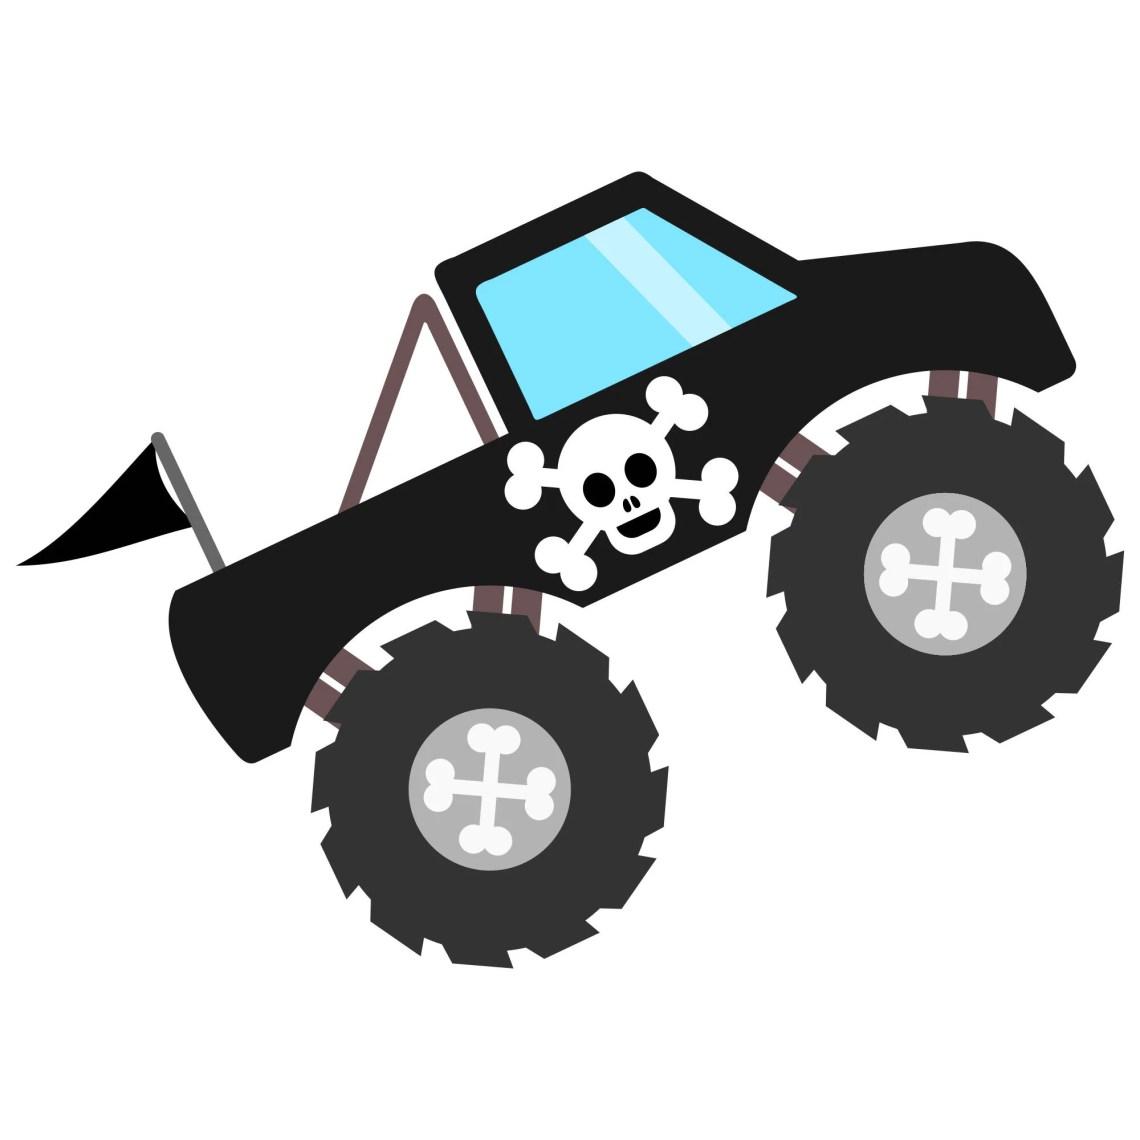 Download Black Pirate Monster Truck SVG File with Skull & Bones ...